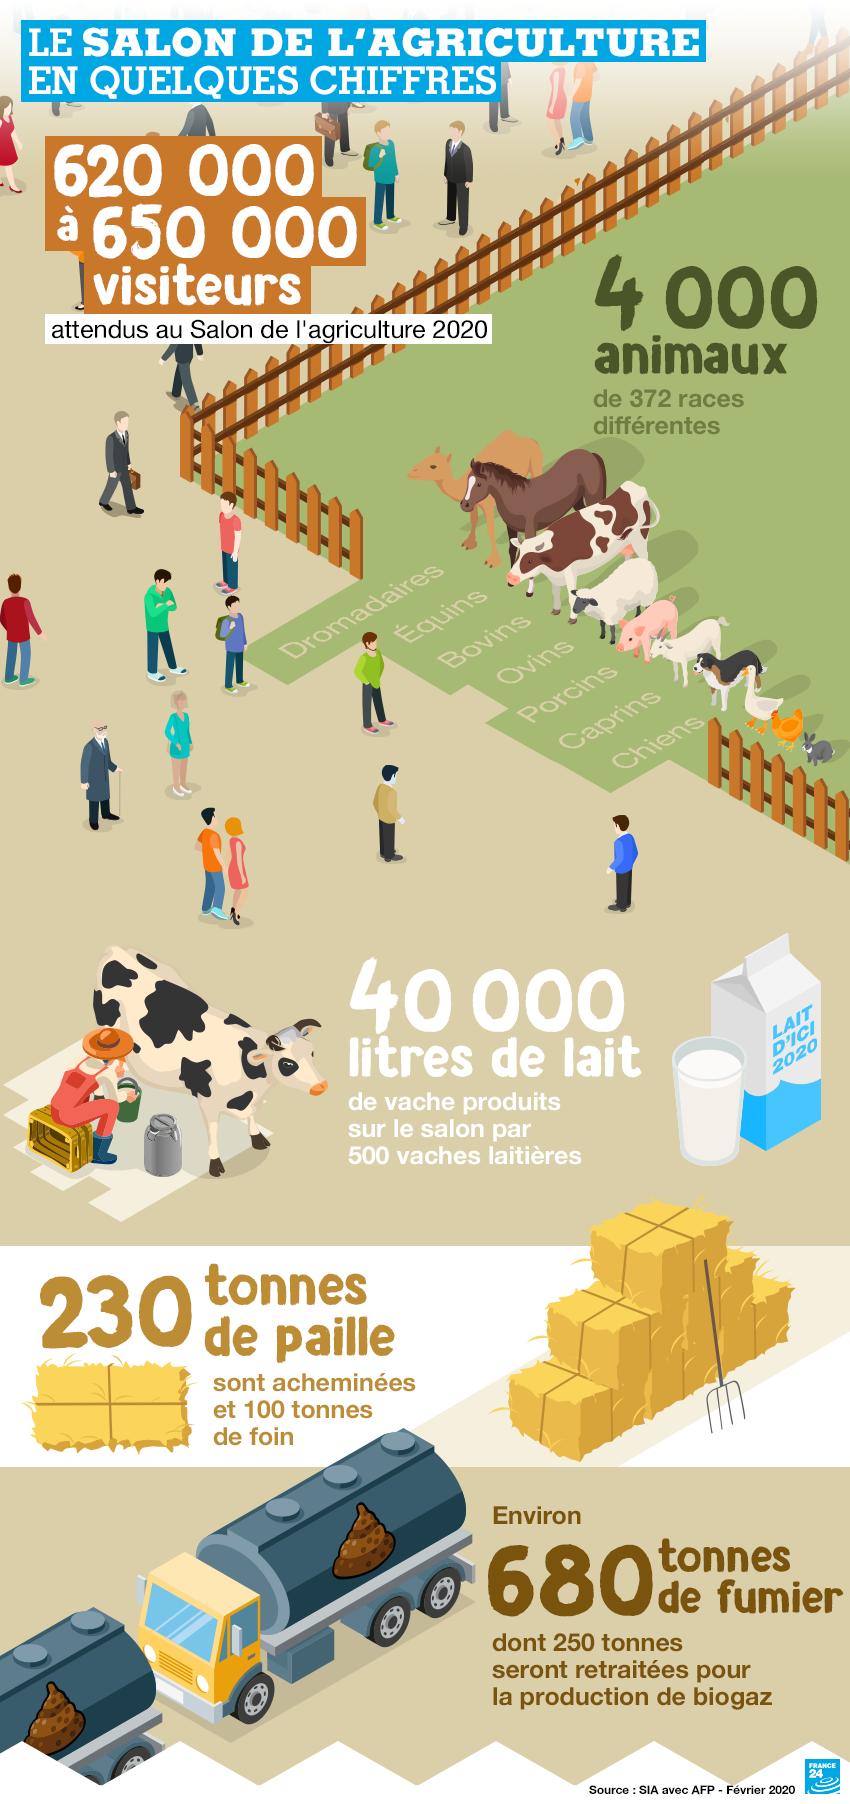 Le Salon de l'agriculture 2020, en cinq chiffres clés.